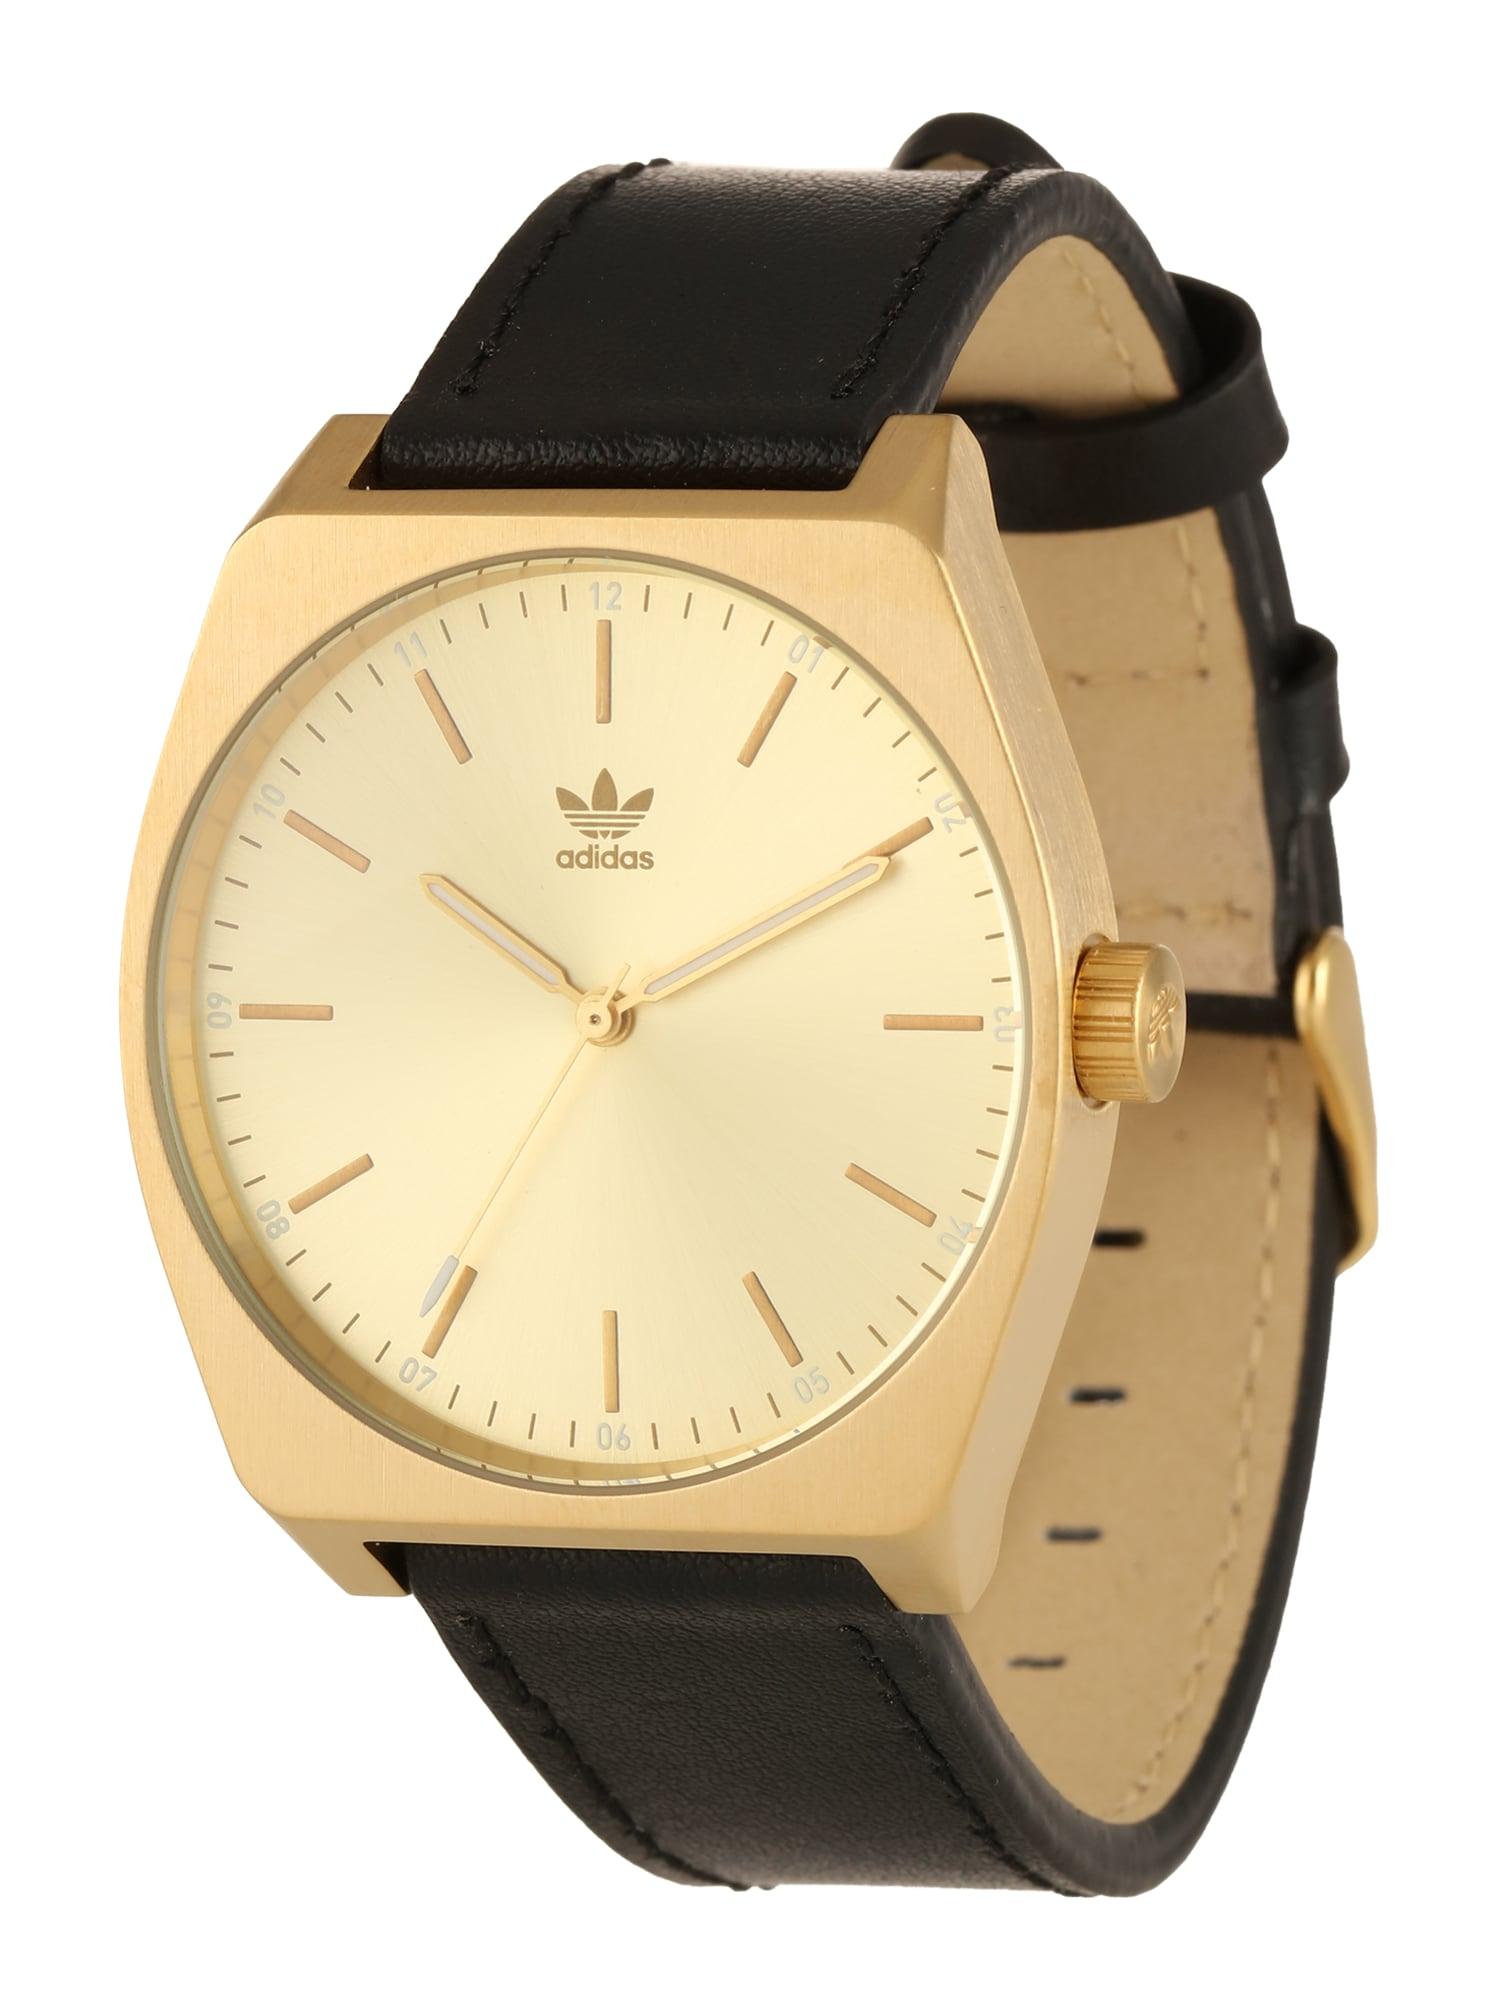 ADIDAS ORIGINALS, Heren Analoog horloge 'Process_L1', goud / zwart